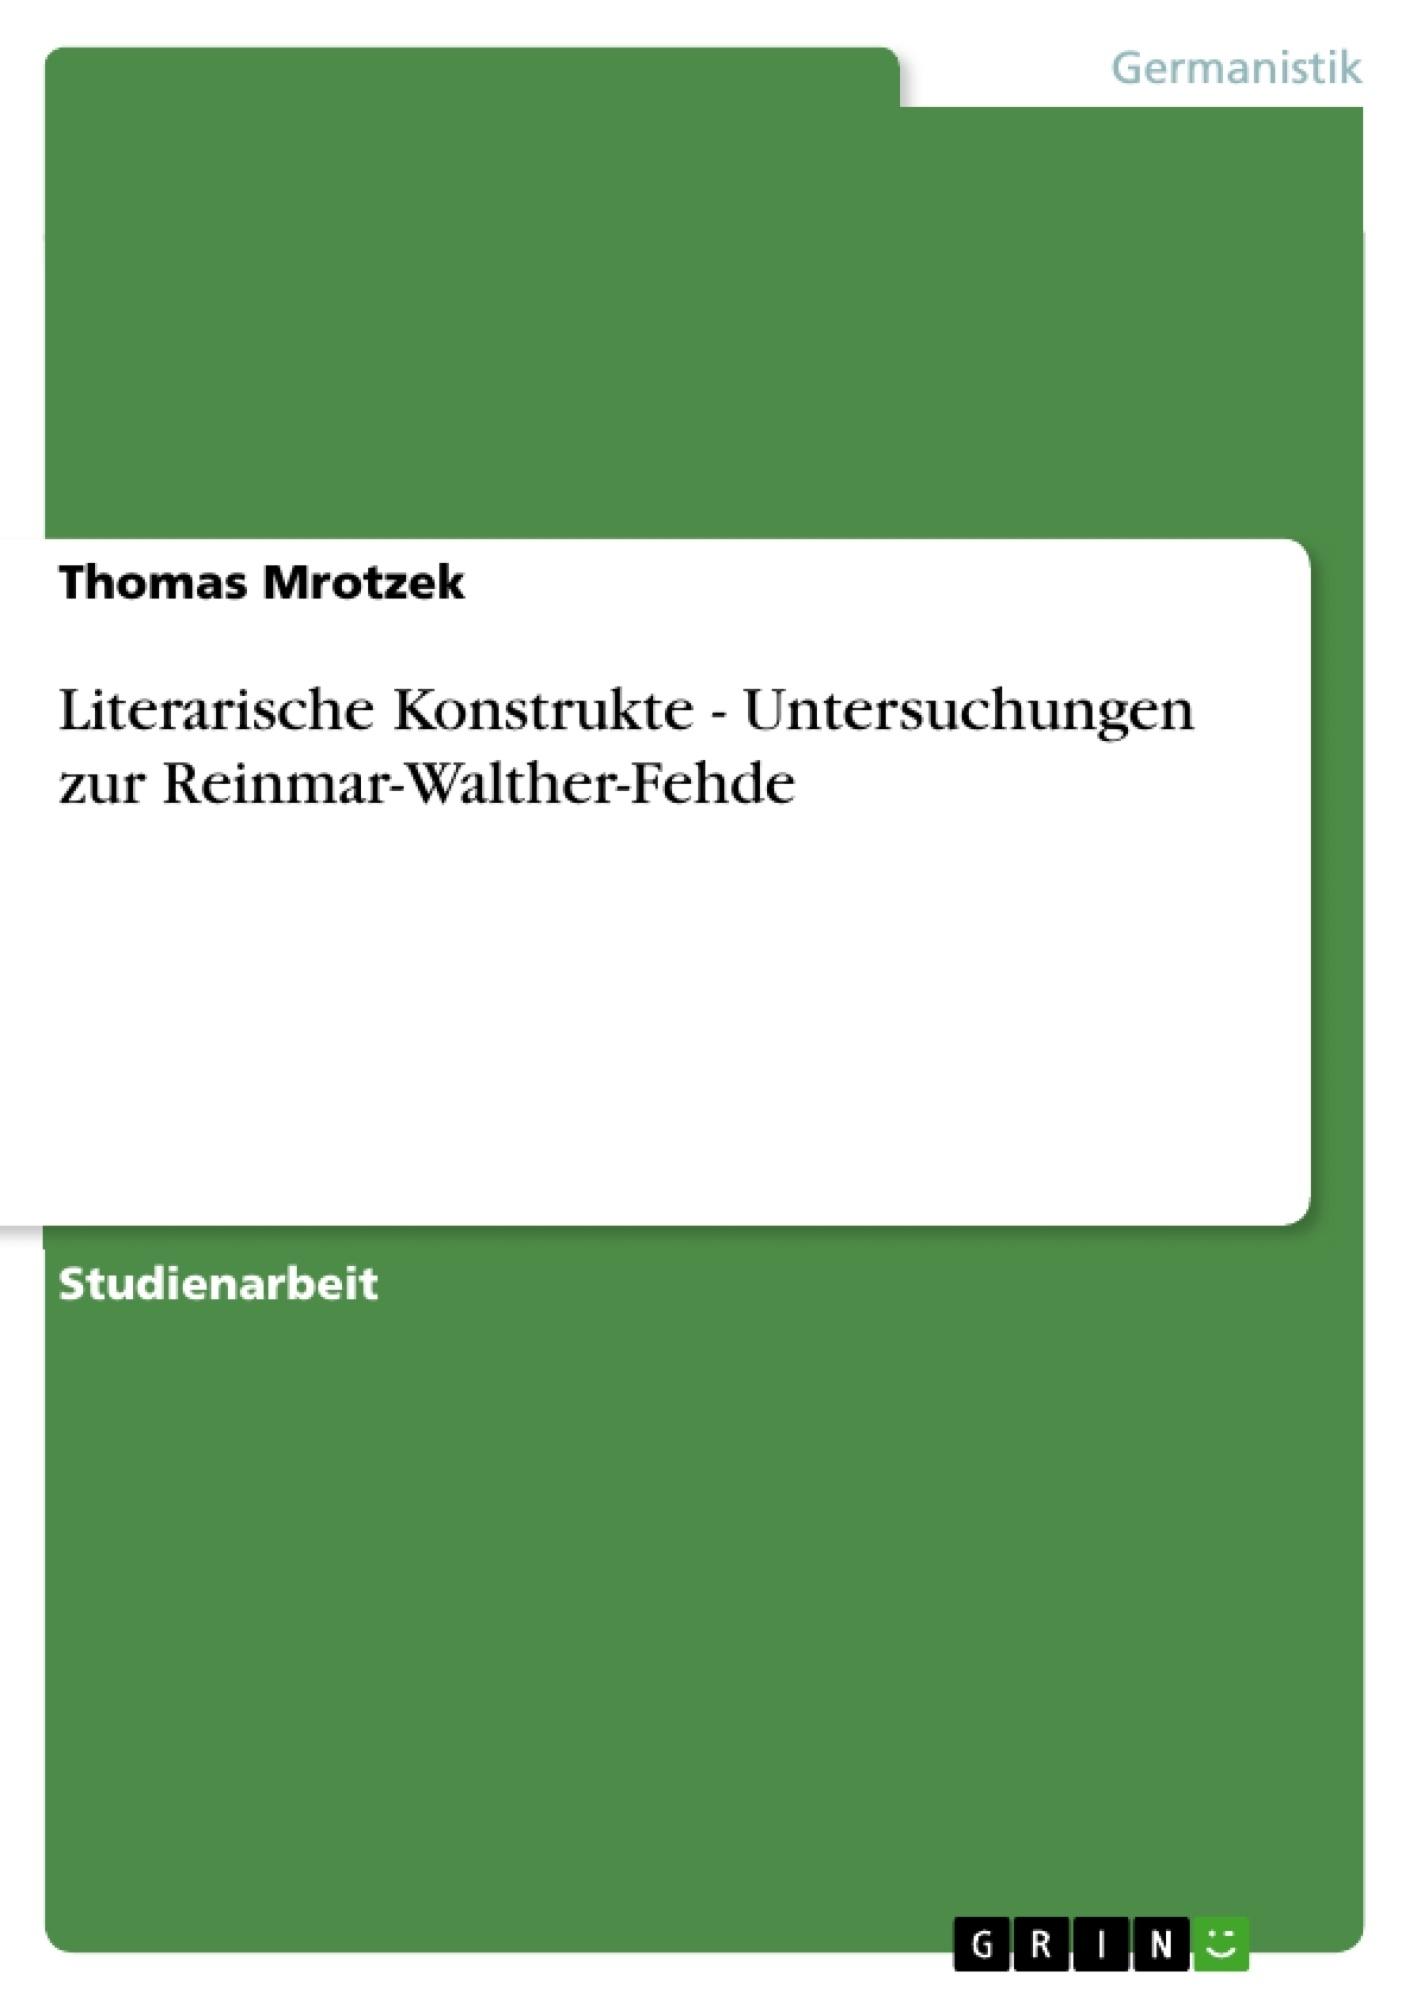 Titel: Literarische Konstrukte - Untersuchungen zur Reinmar-Walther-Fehde